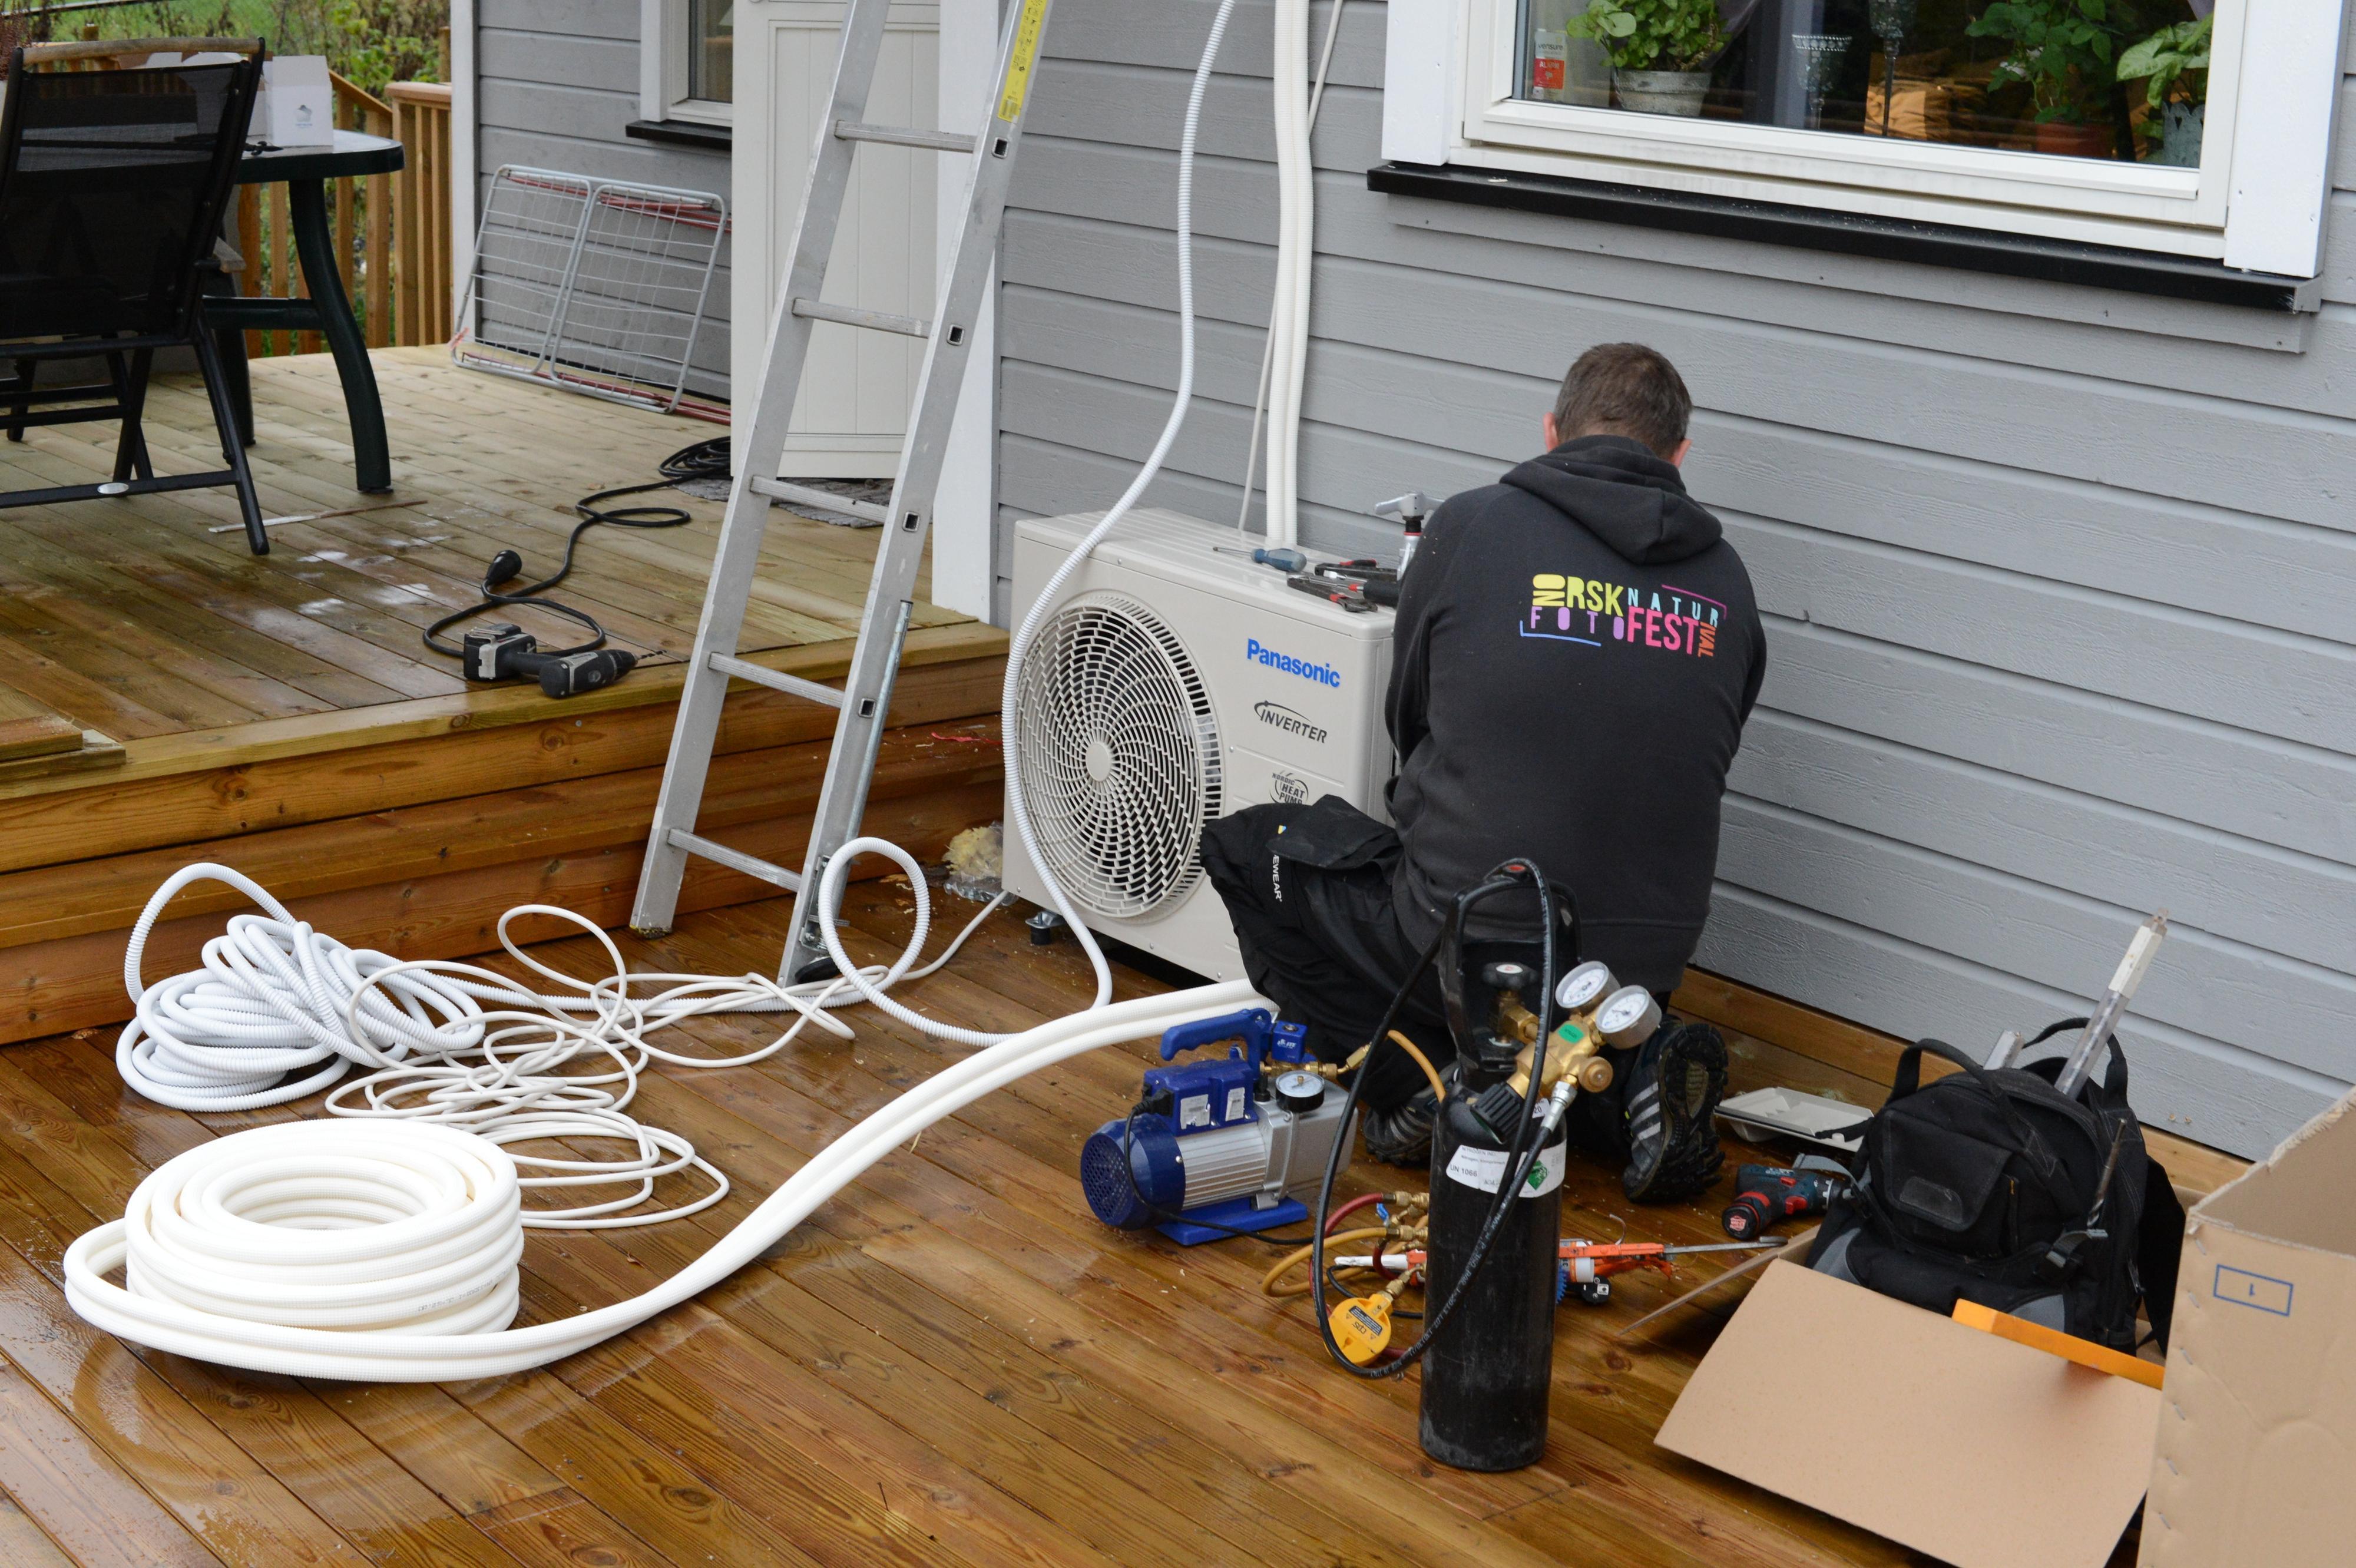 Å installere en varmepumpe krever egnet kompetanse.